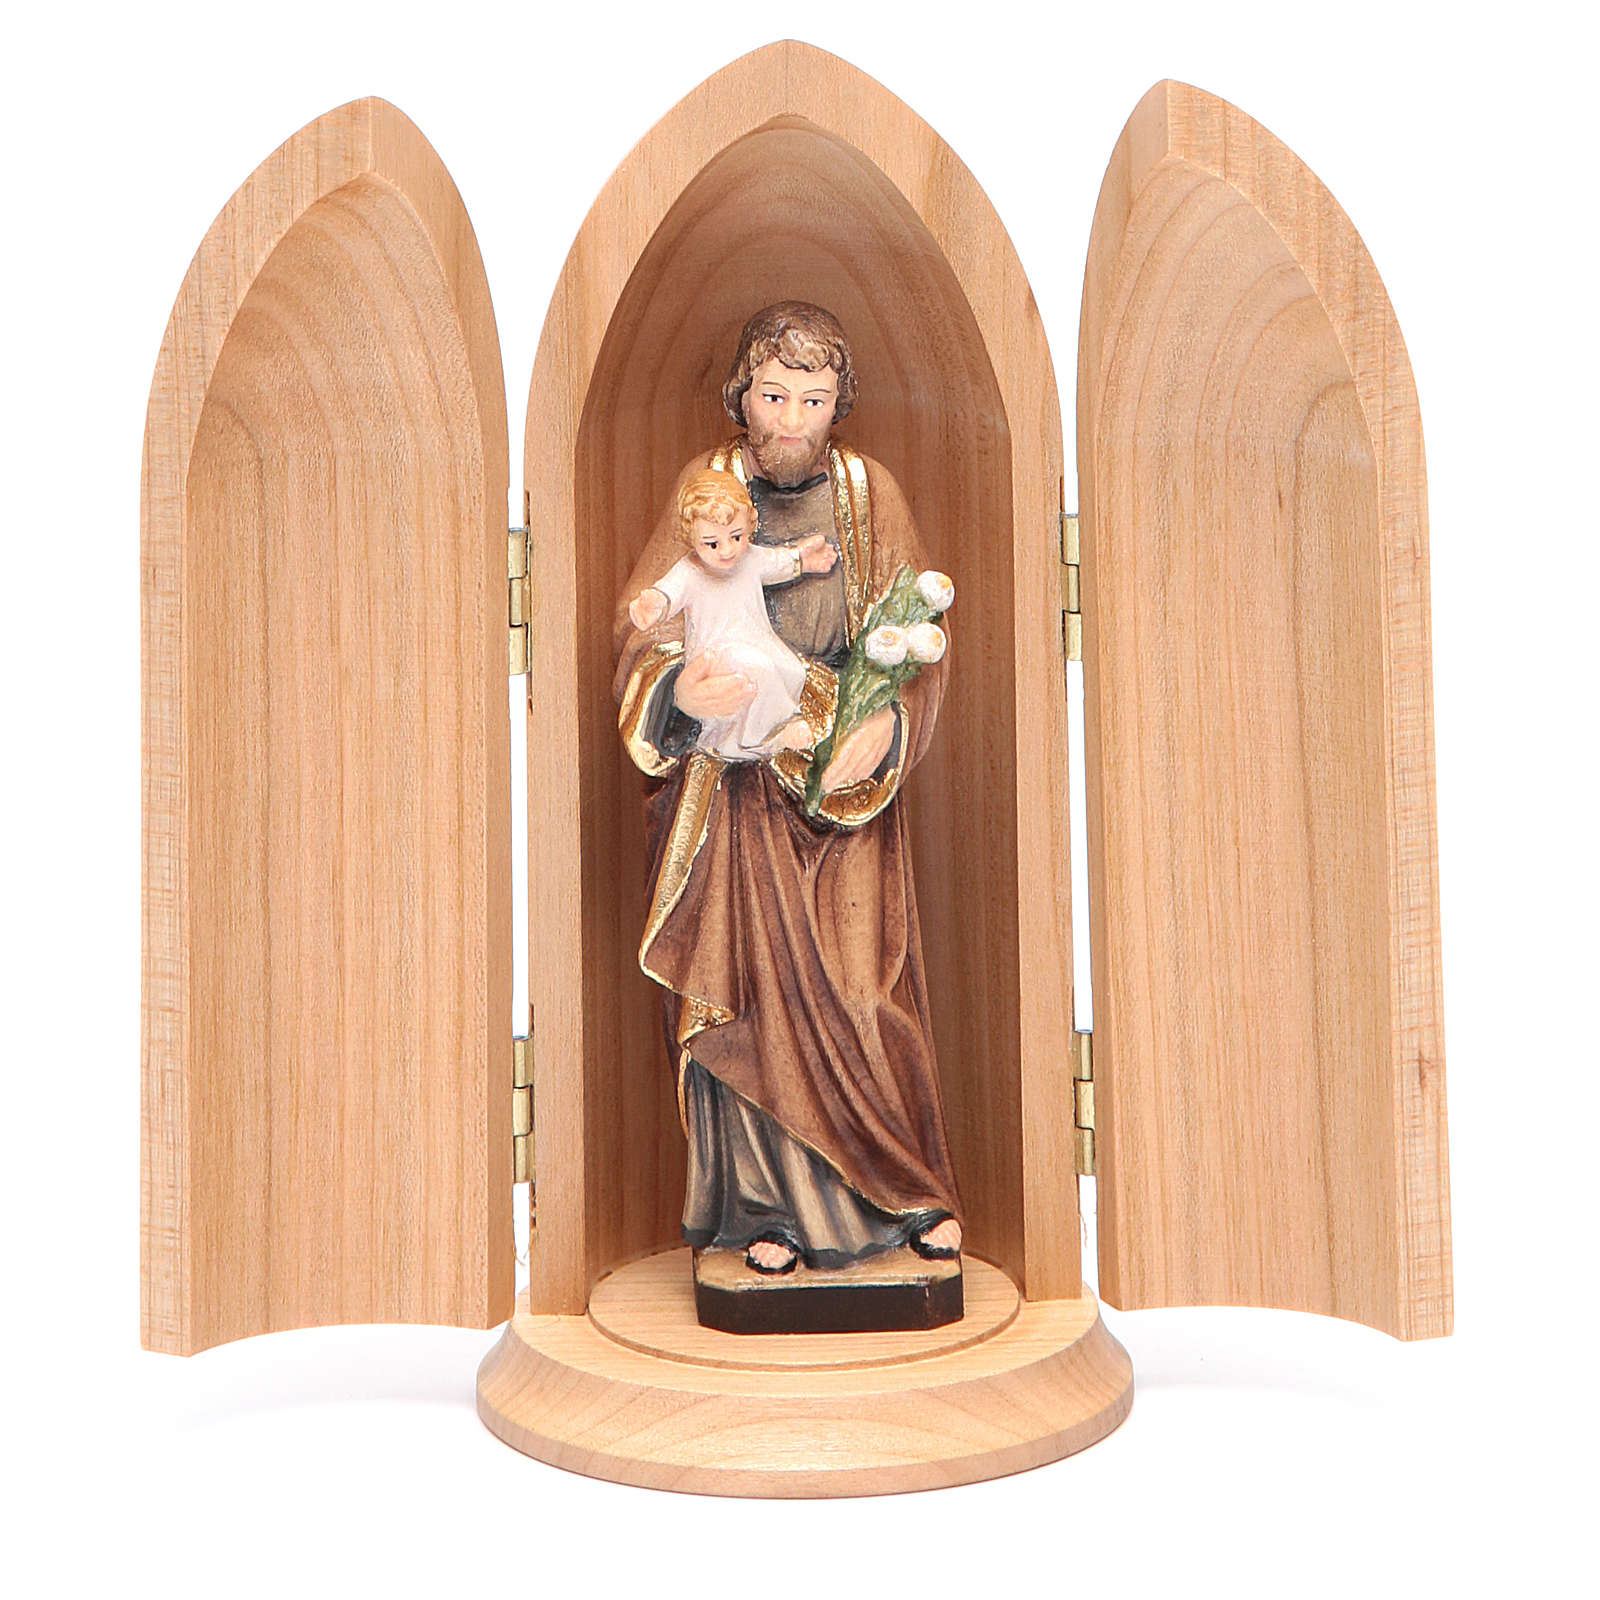 Imagem São José com Menino no nicho madeira pintada 4